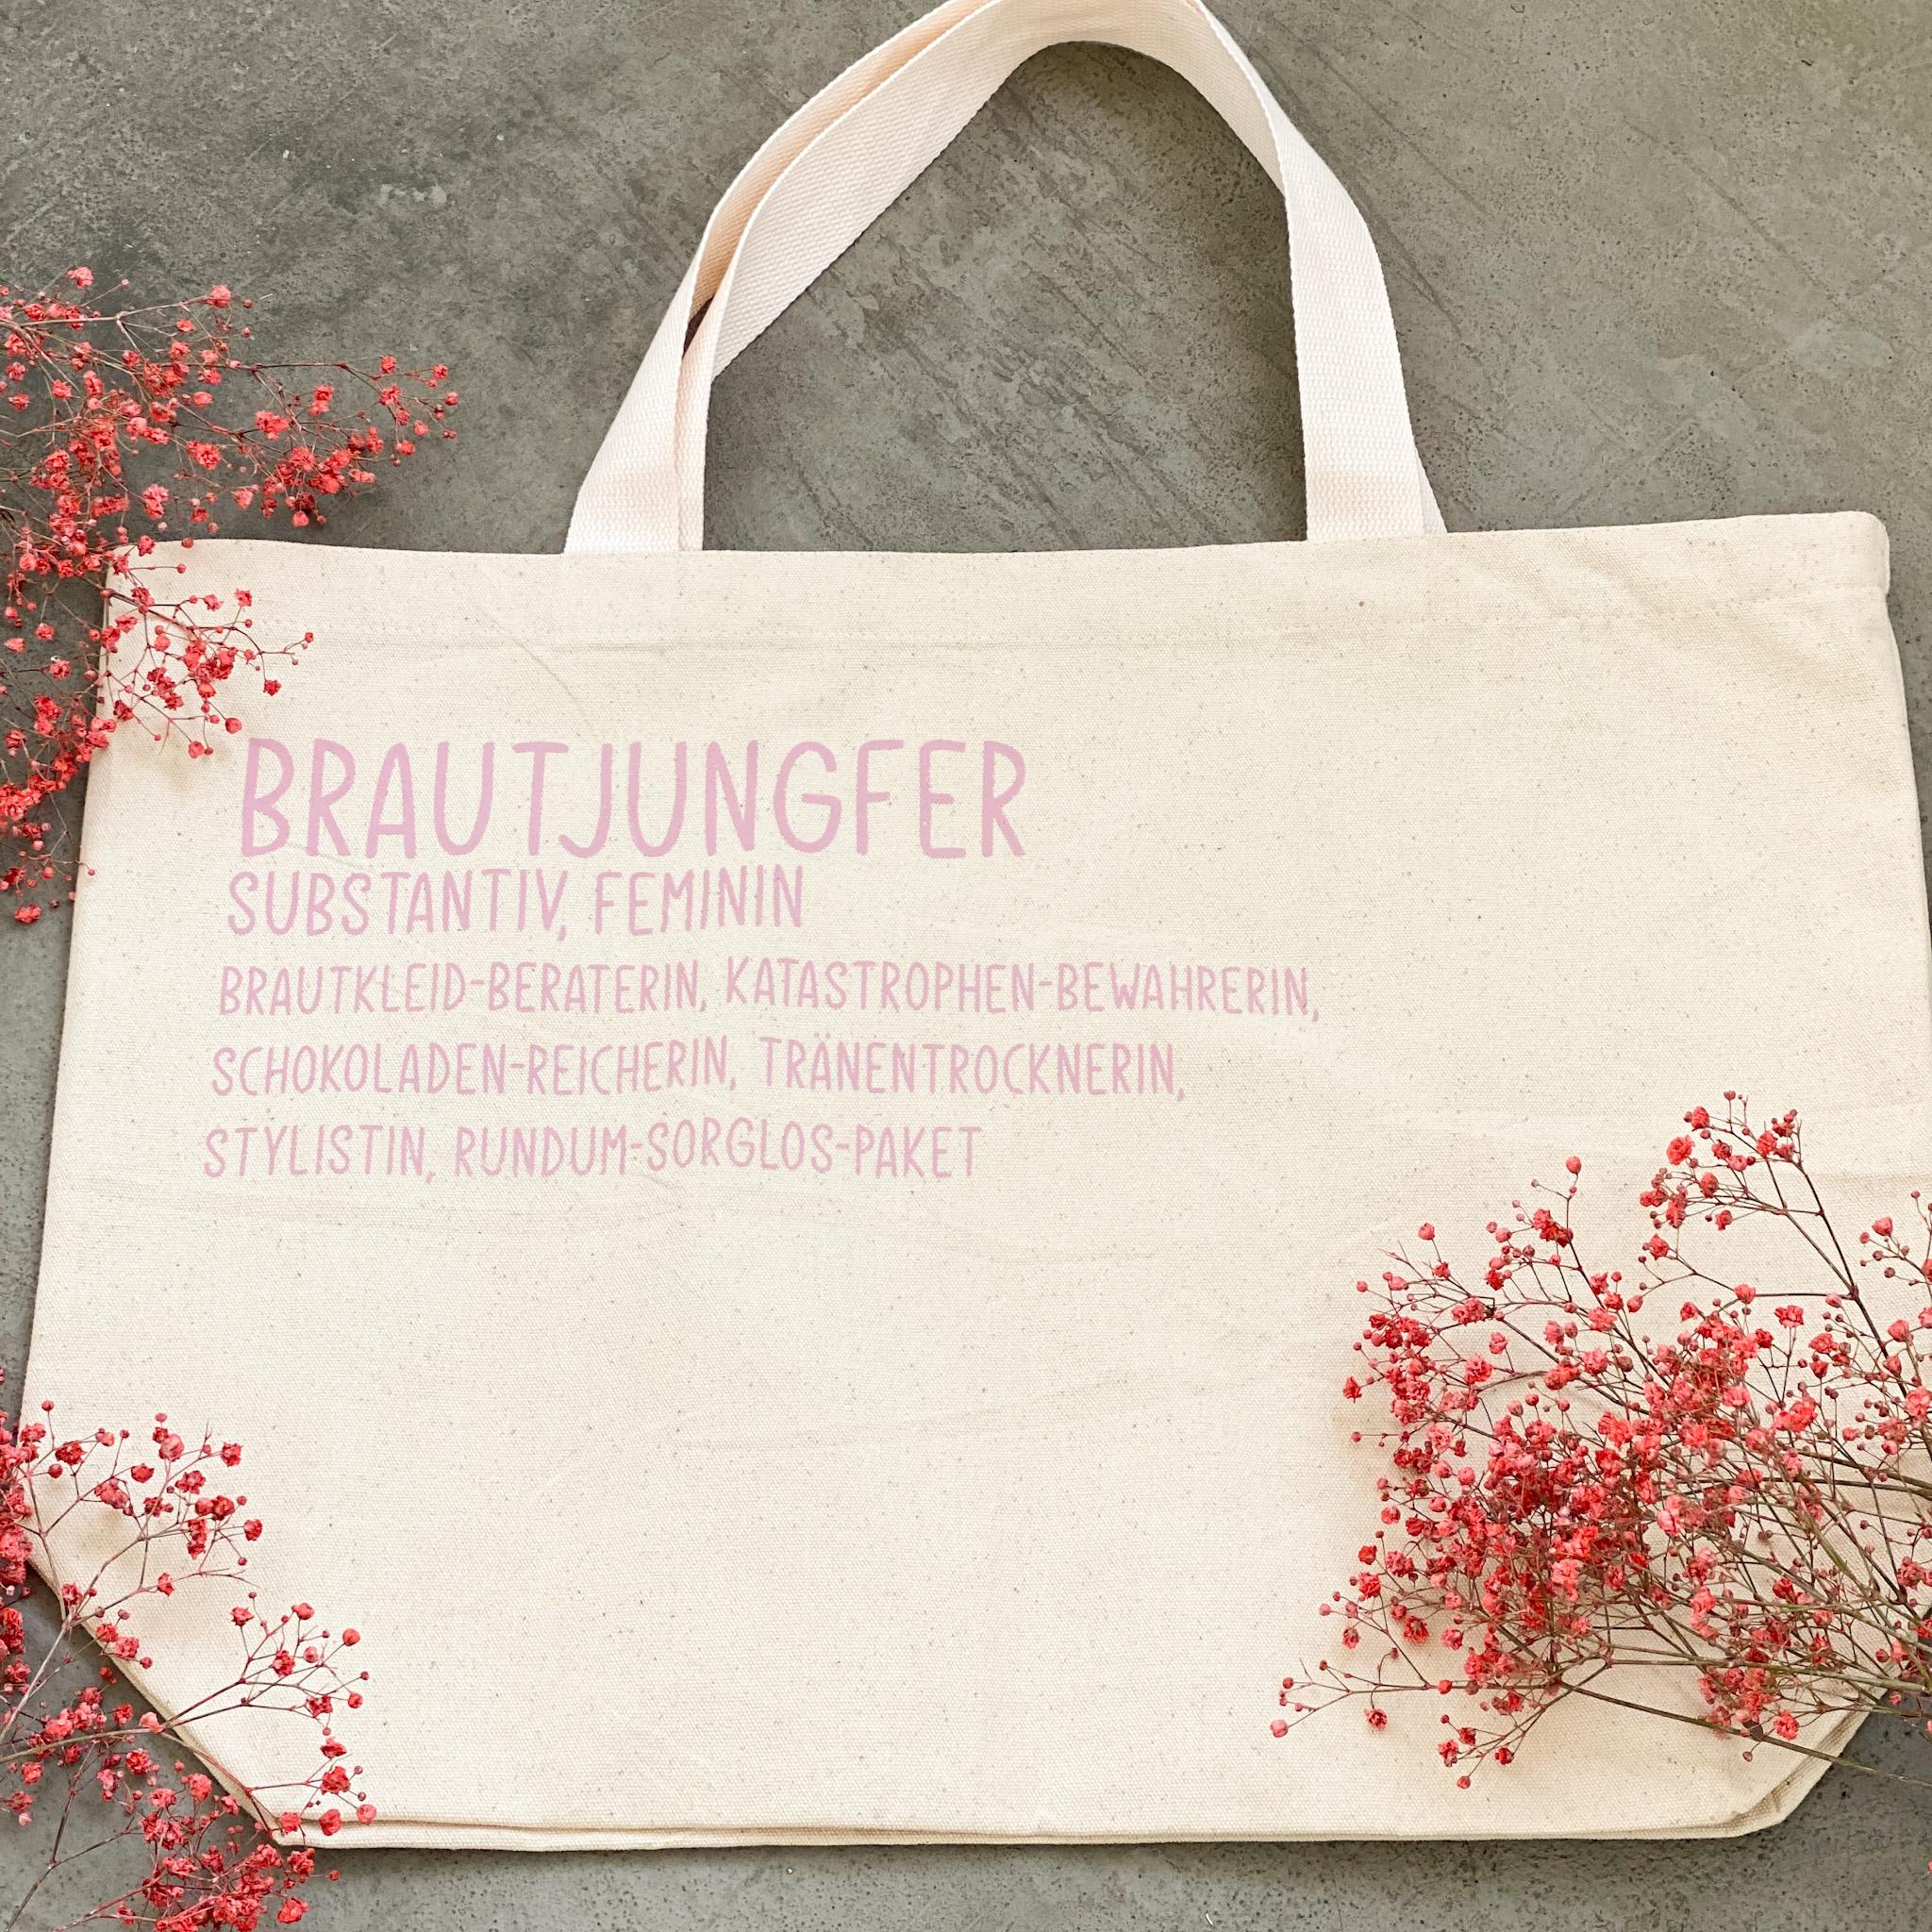 Tasche für die Brautjungfer   Shopper  Geschenk für die Brautjungfer